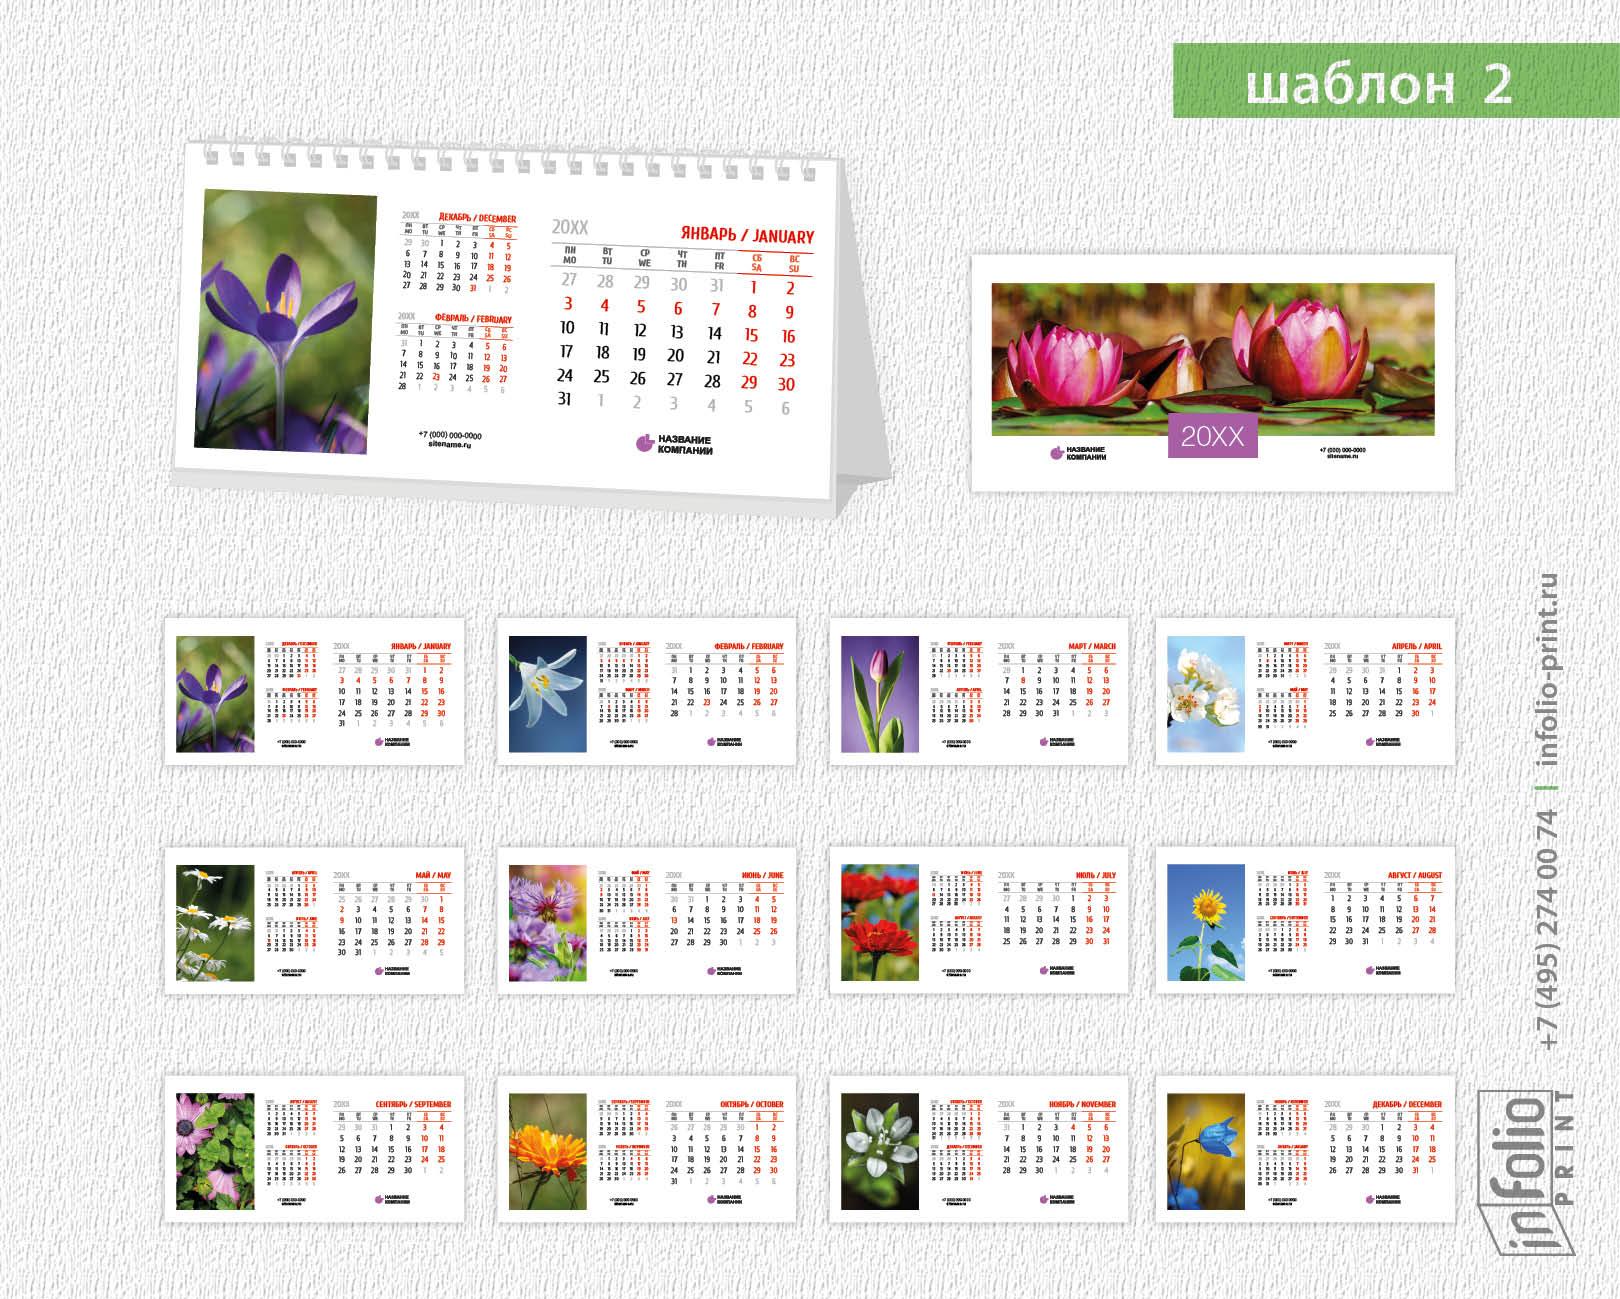 Шаблон настольконо перекидного календаря 2